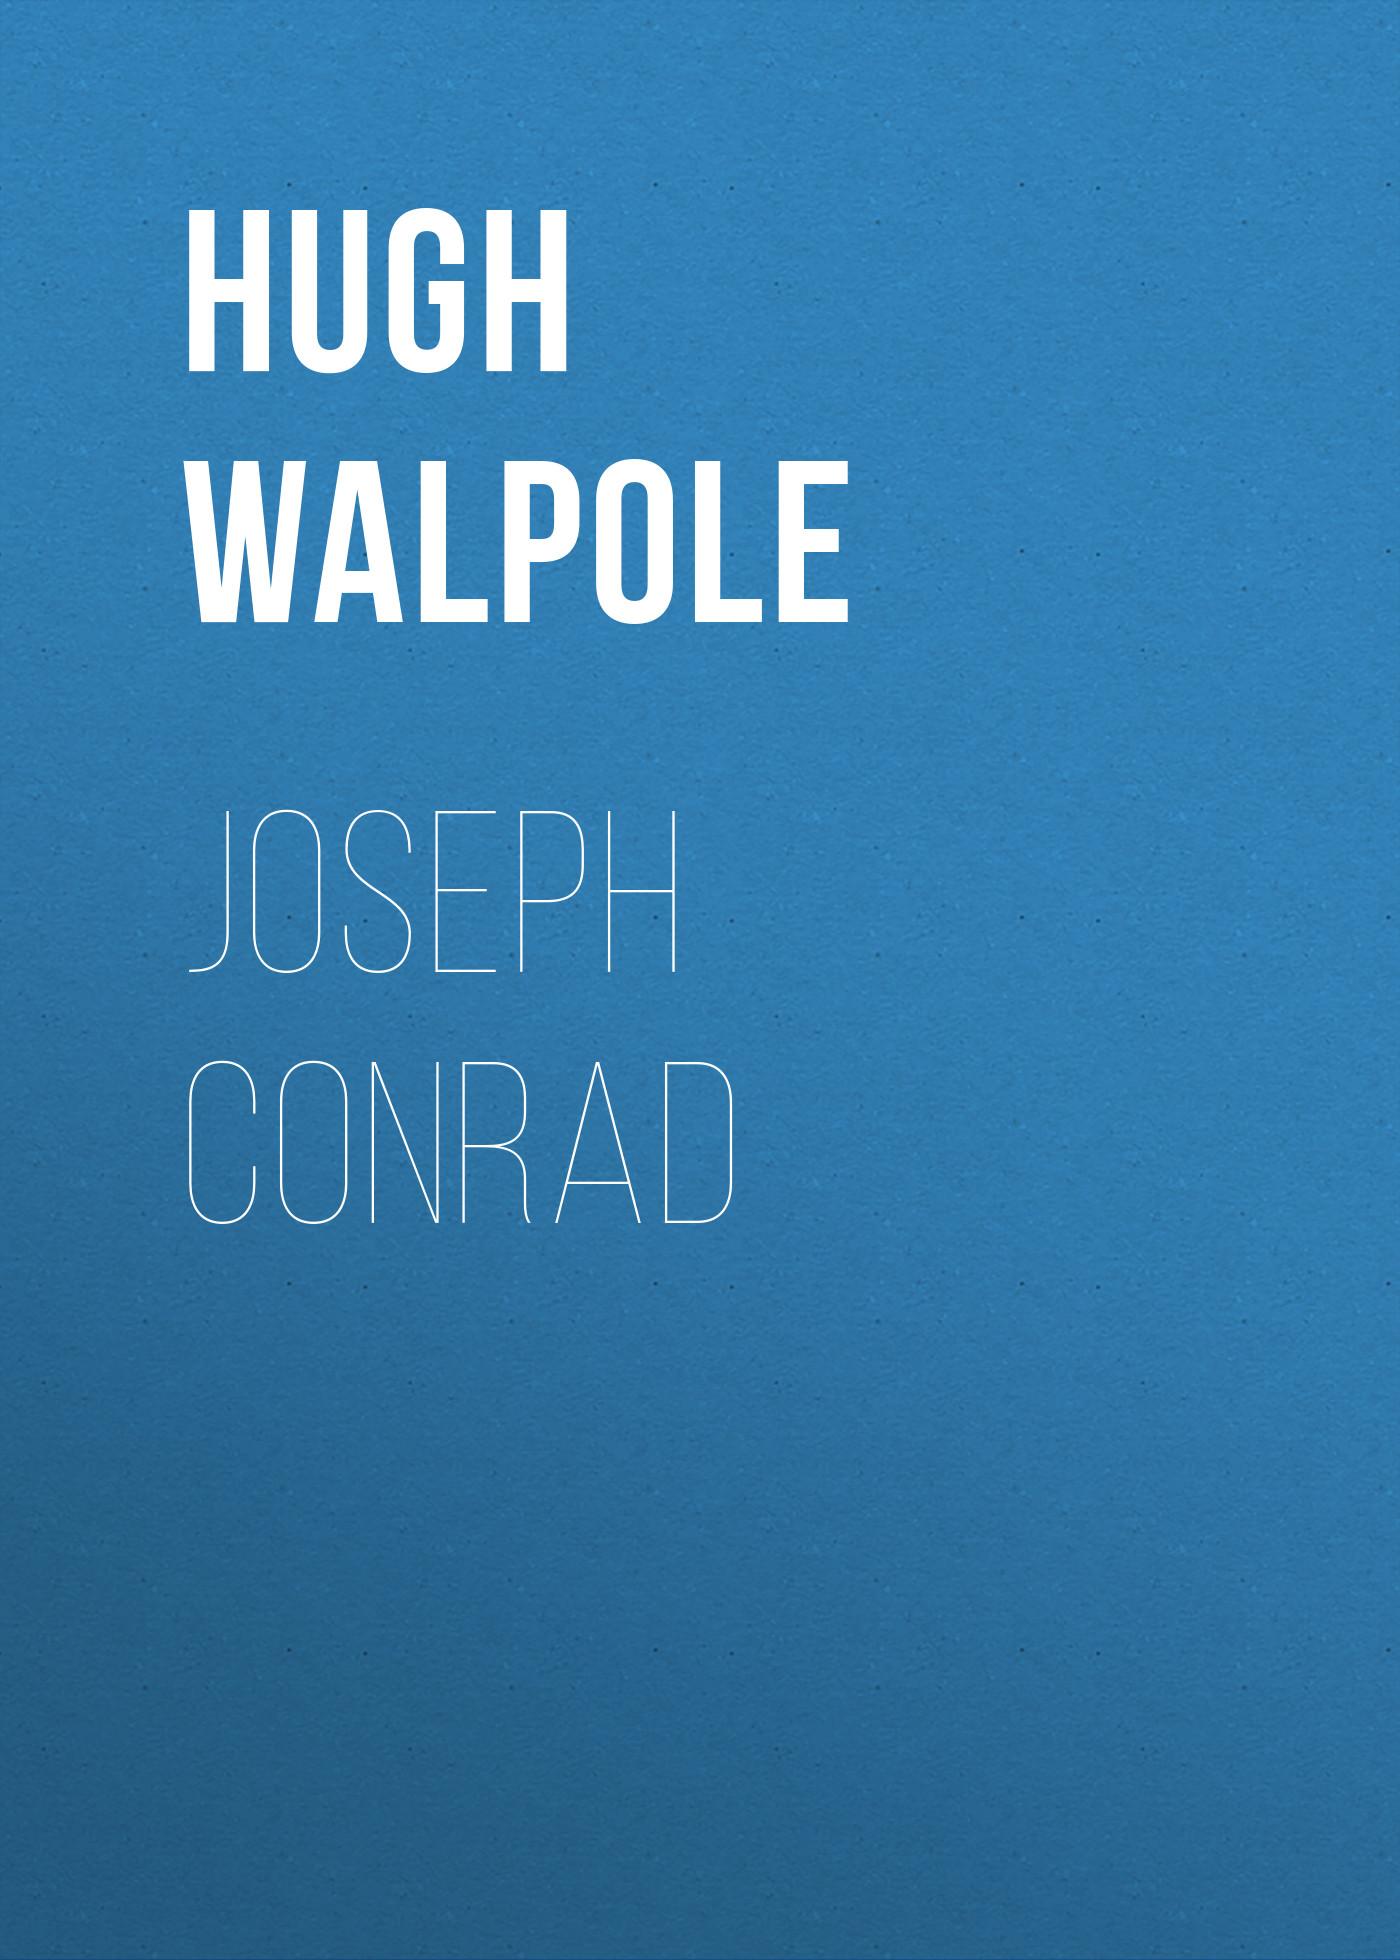 Hugh Walpole Joseph Conrad hugh walpole joseph conrad